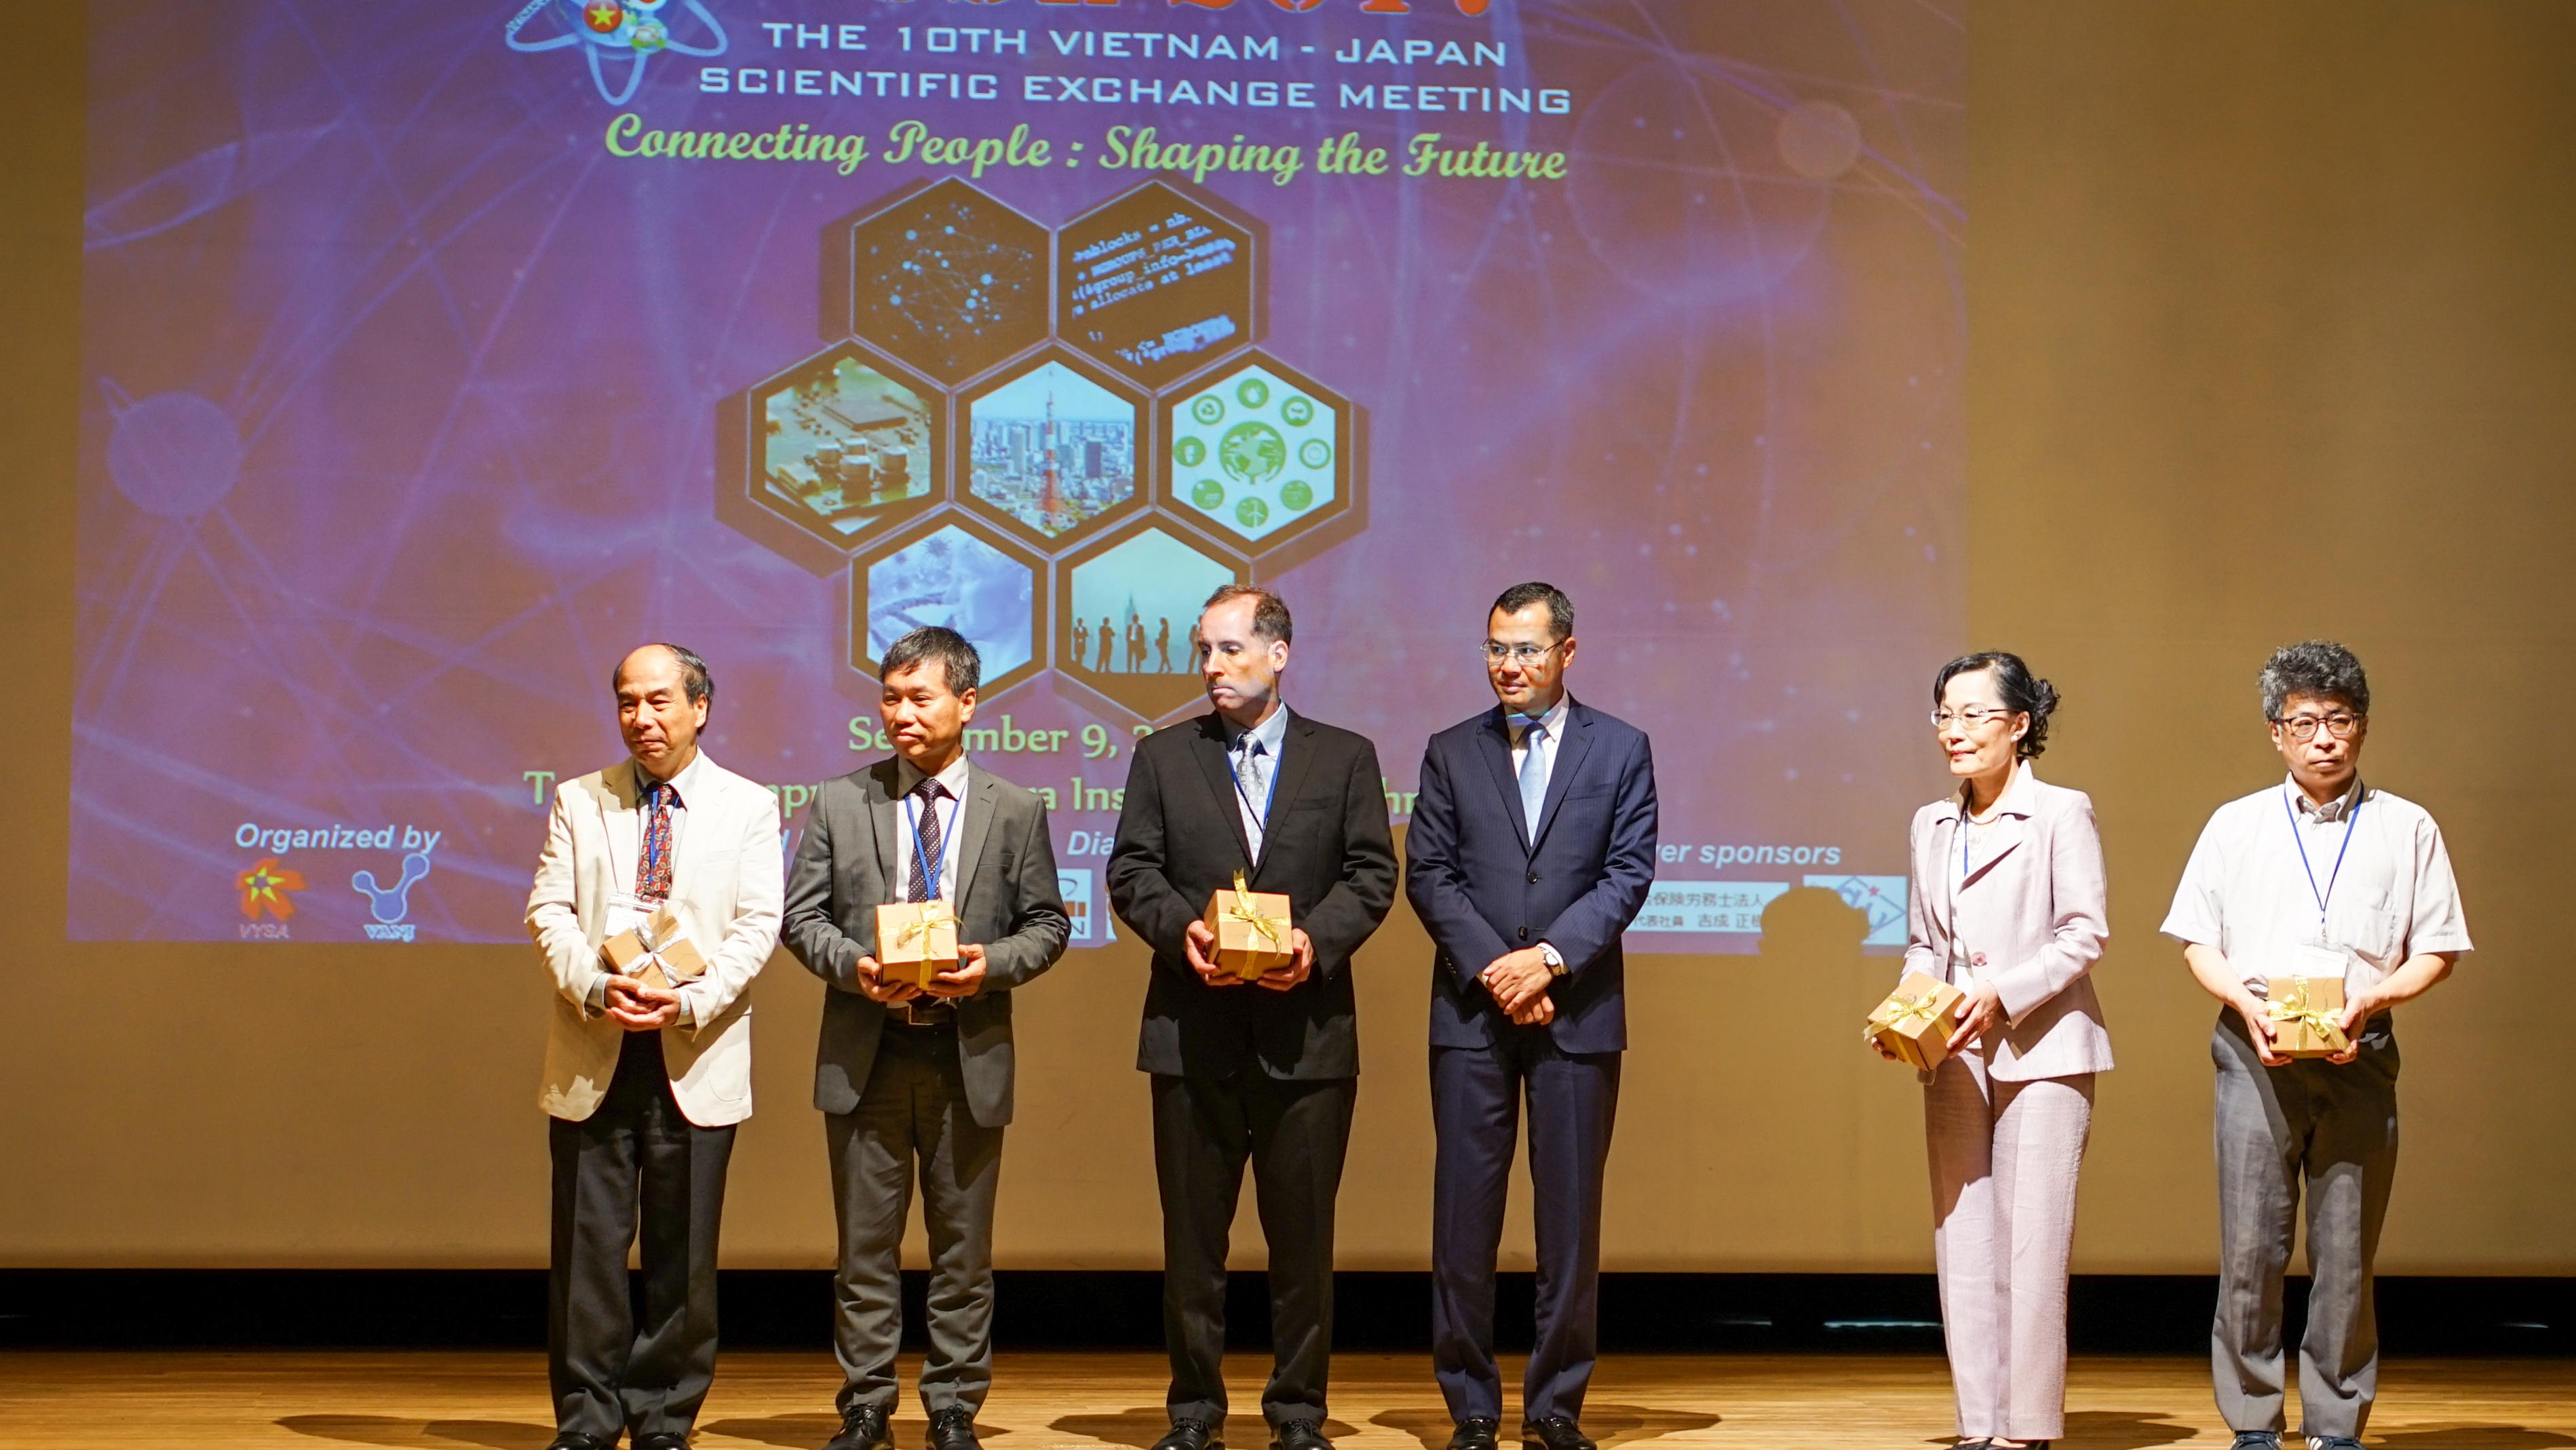 Thứ trưởng Phạm Đại Dương tặng quà lưu niệm cho các keynote speaker